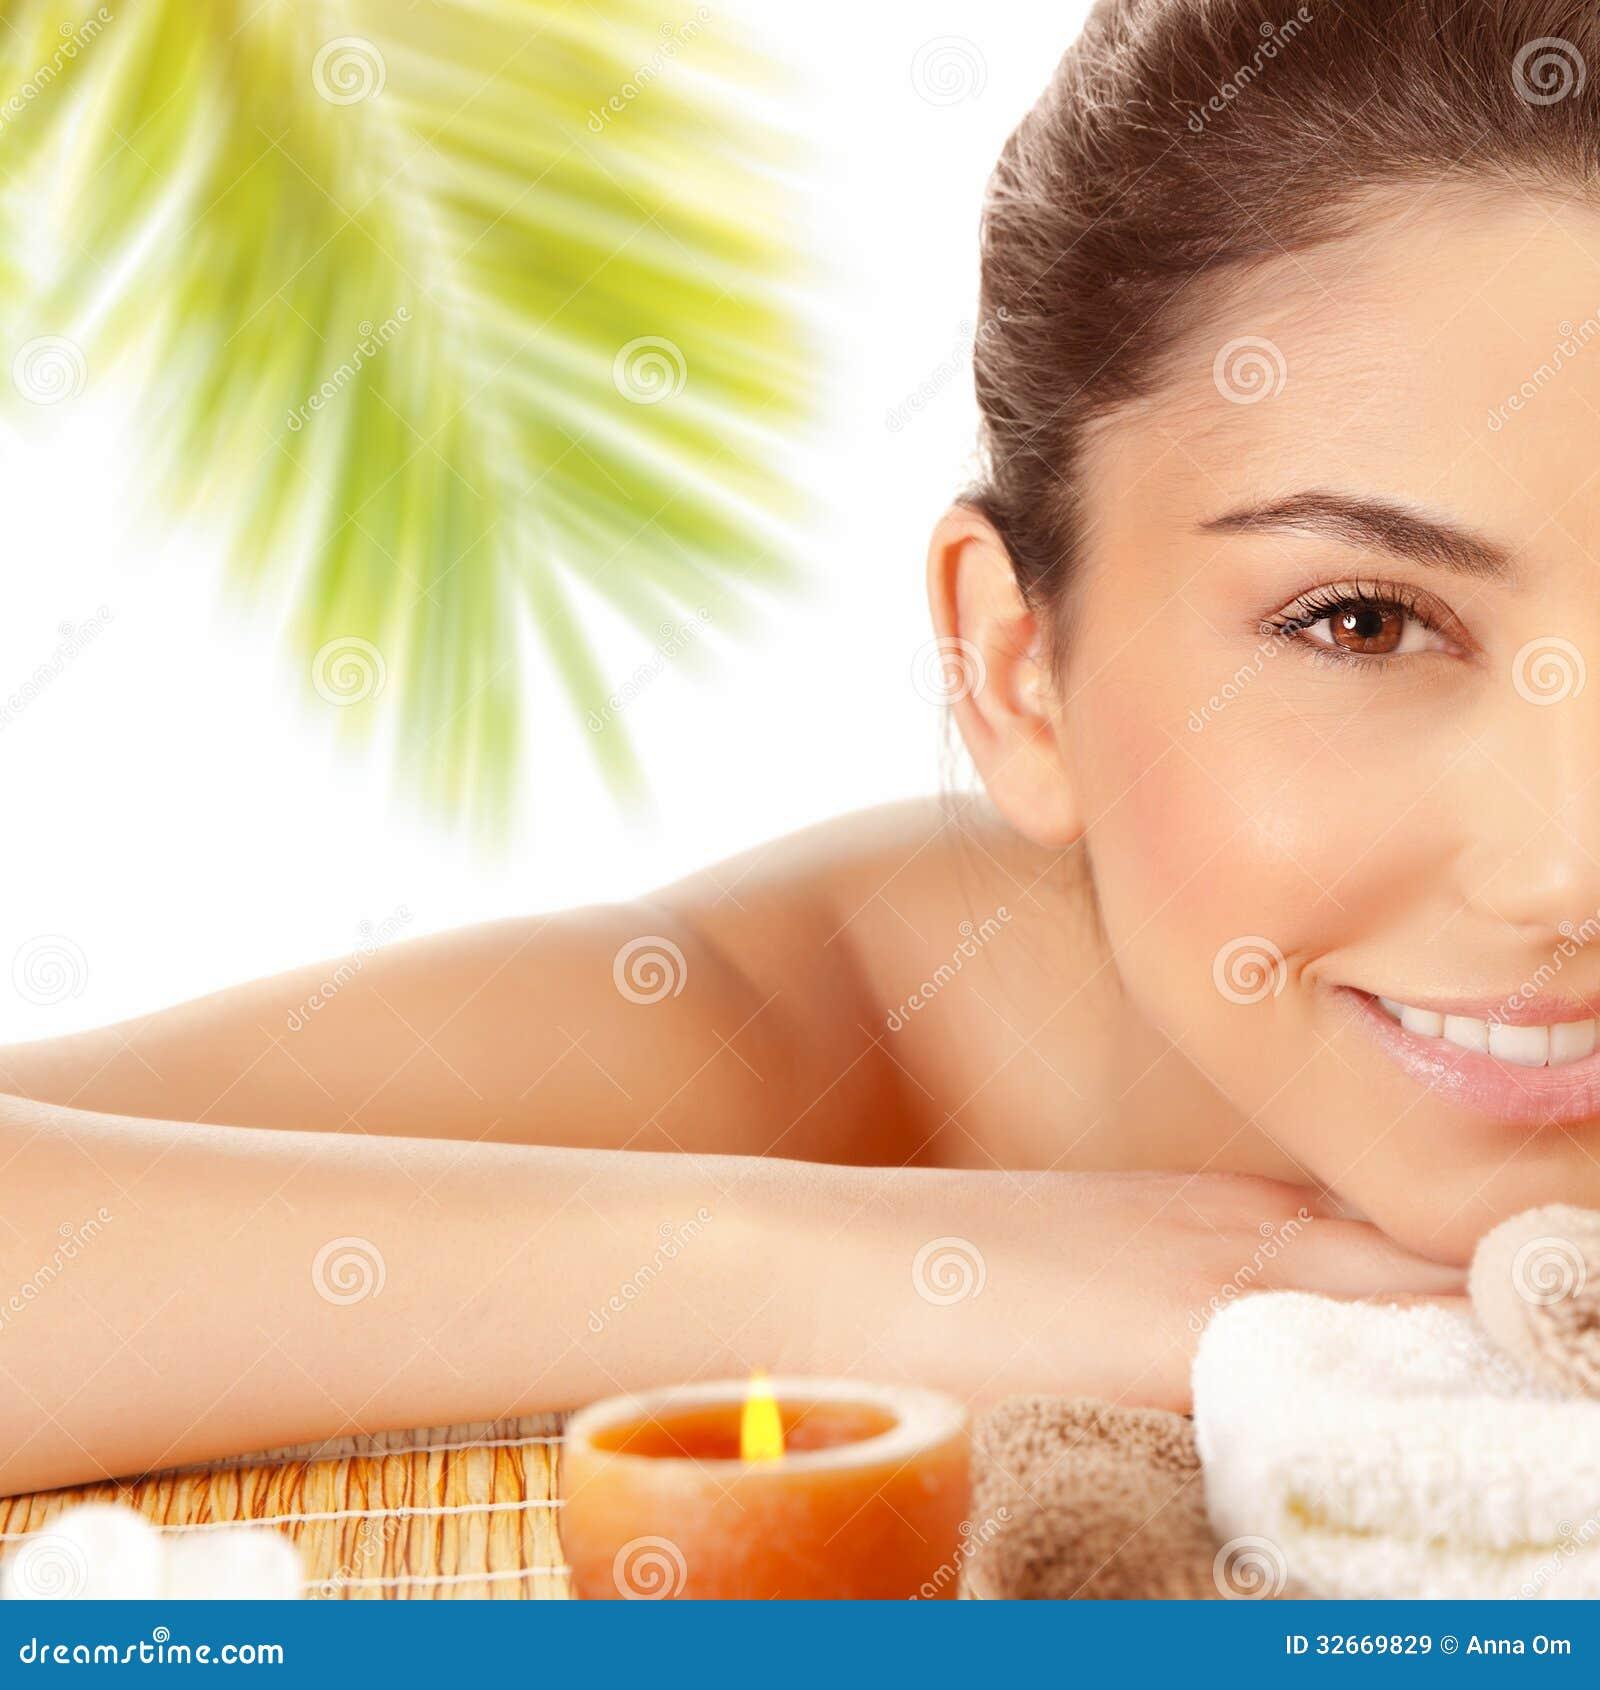 erotic female massage brisbane adult relaxation